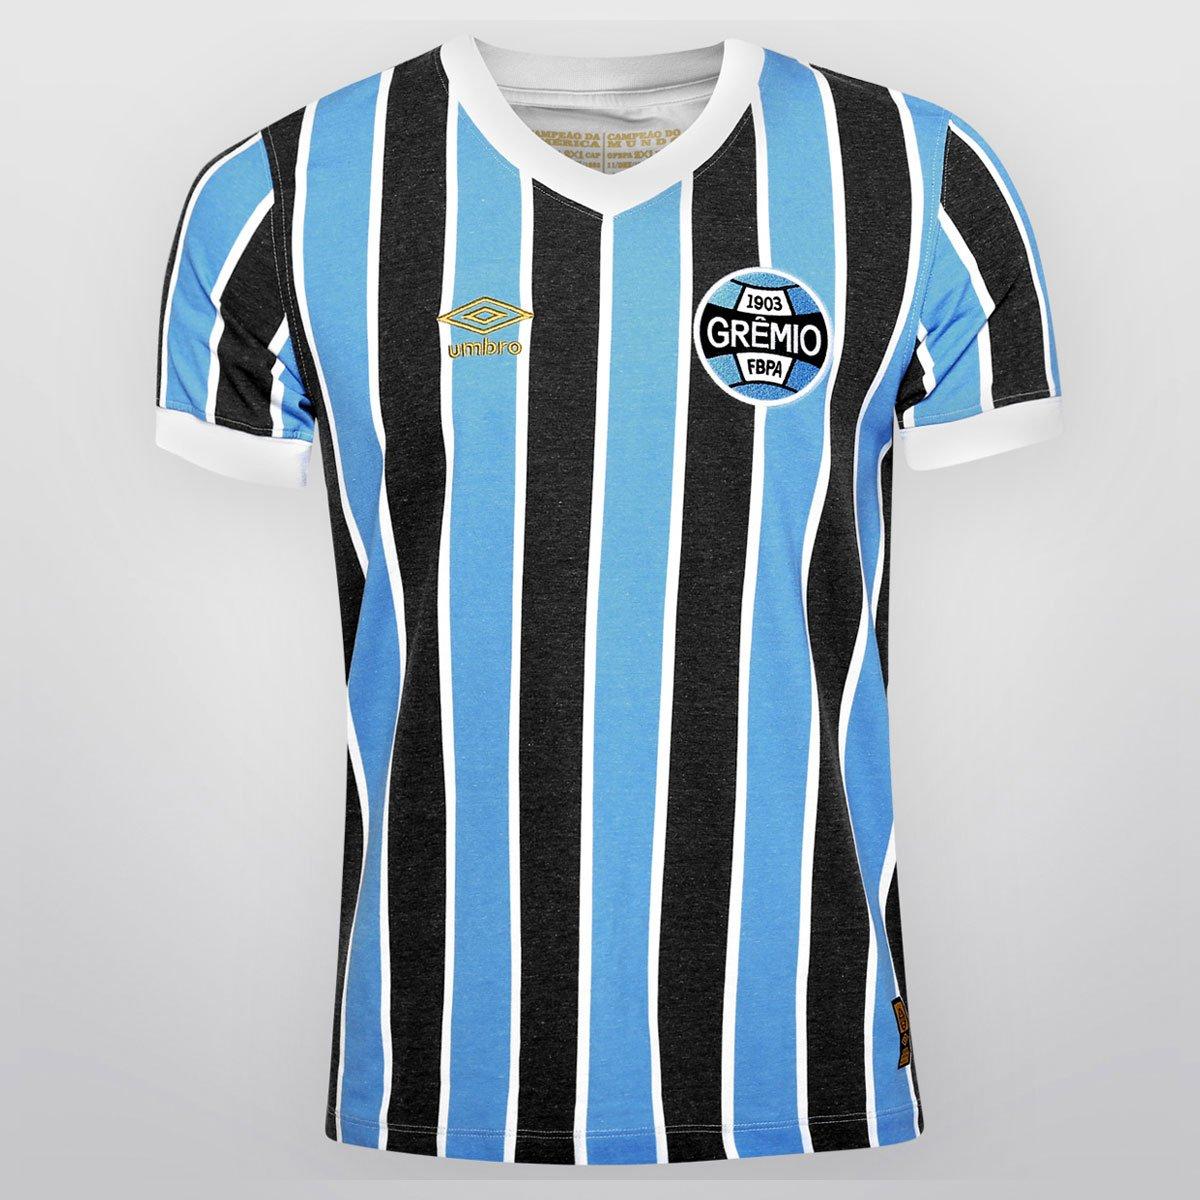 10e197ff2ac28 Camisa Umbro Grêmio Retrô 1983 - Azul Claro e Preto - Compre Agora ...